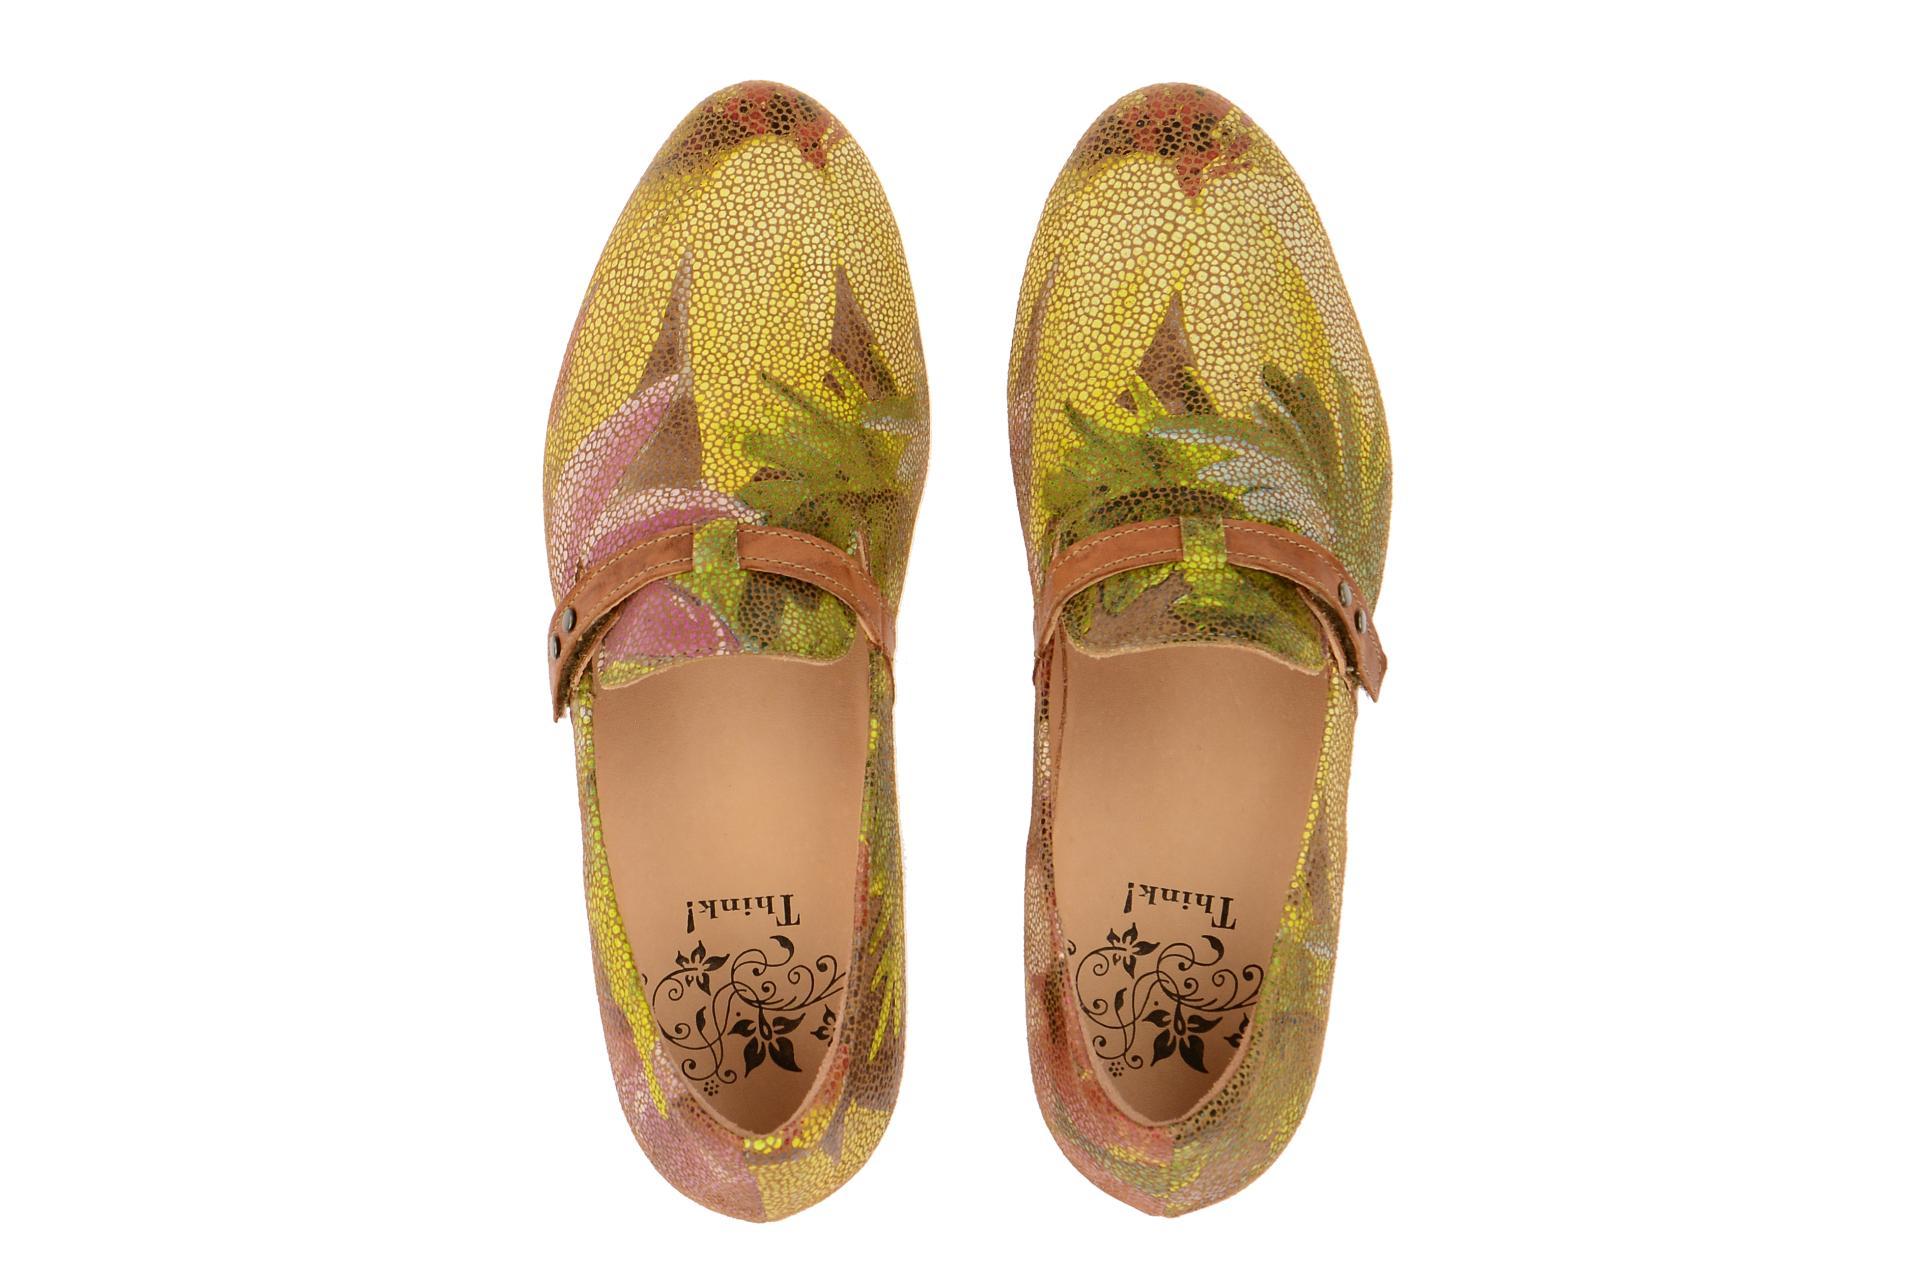 think guad schuhe damen slipper gelb 6 86285 54 schuhhaus strauch shop. Black Bedroom Furniture Sets. Home Design Ideas